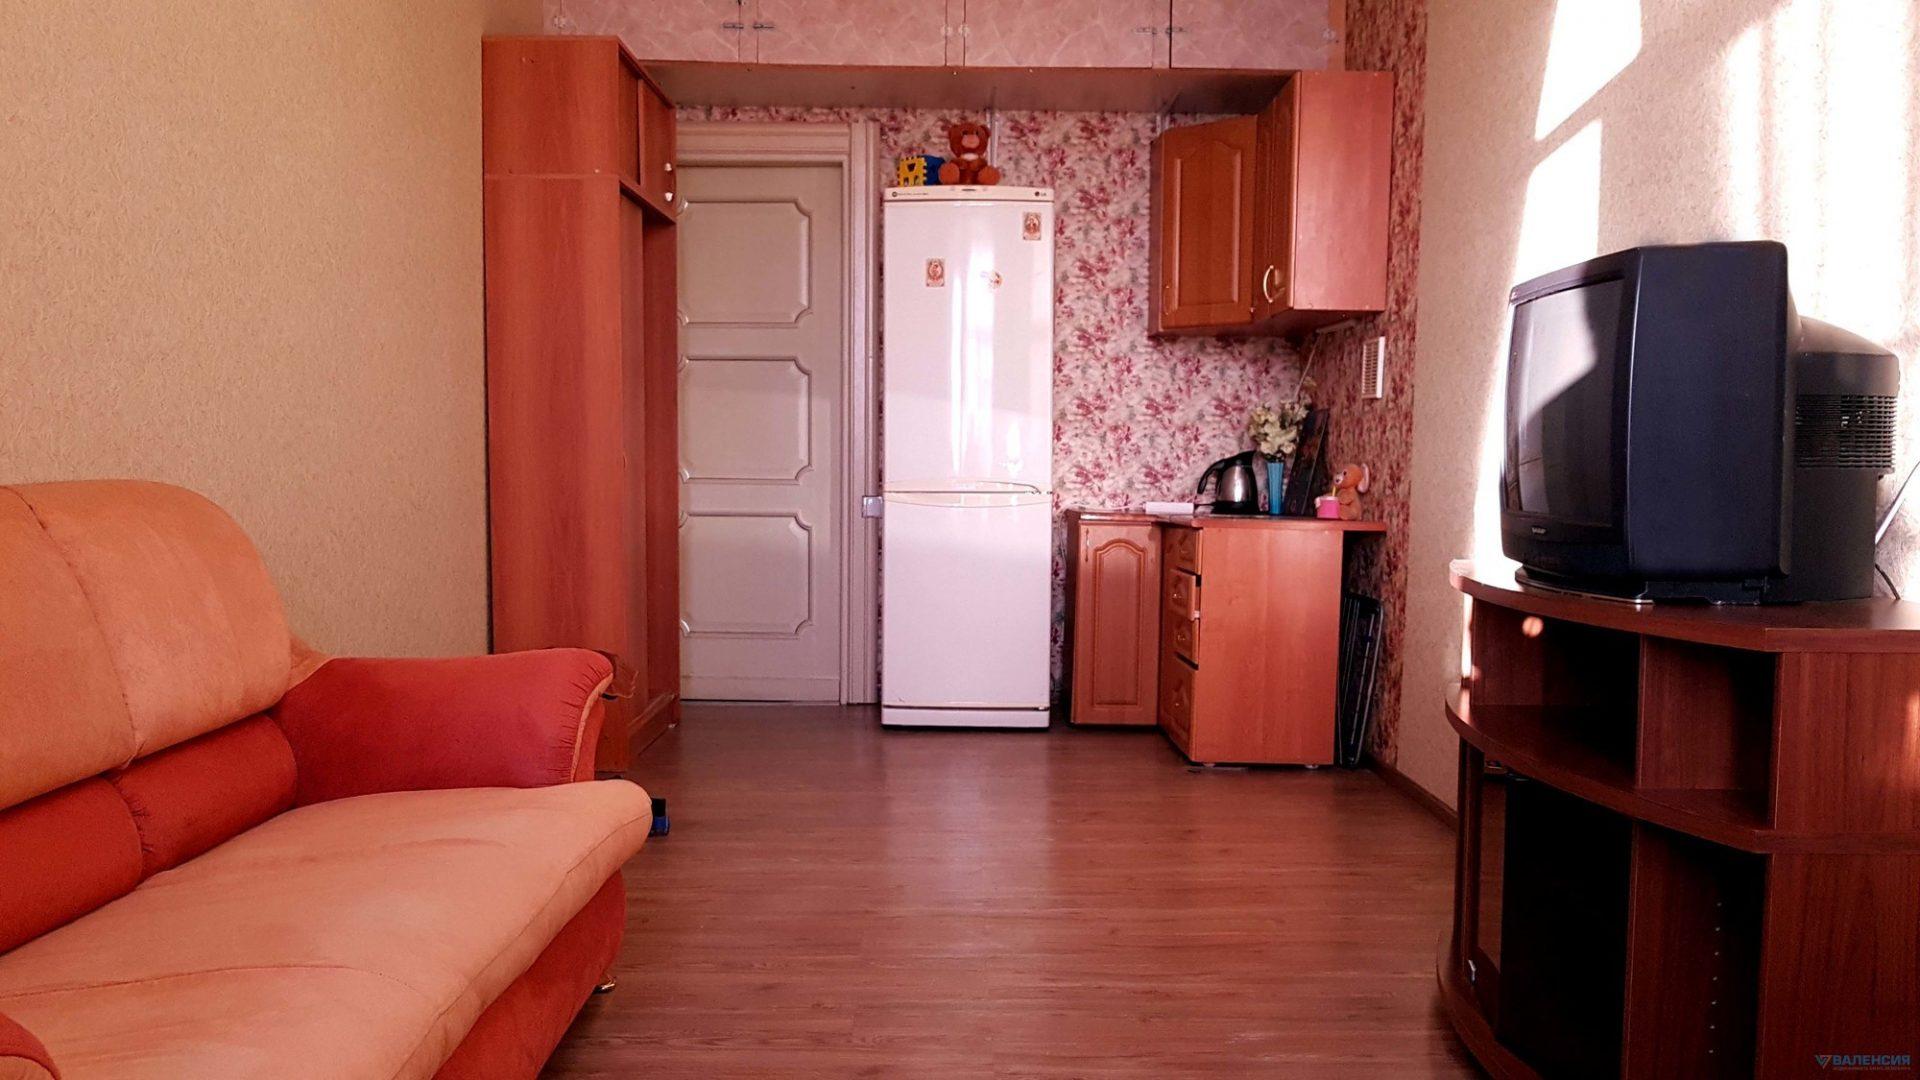 Продается комната 16,5м2 с евро-ремонтом и мебелью в квартире общ пл 240.9м2, 14-линия В.О., д.11/38